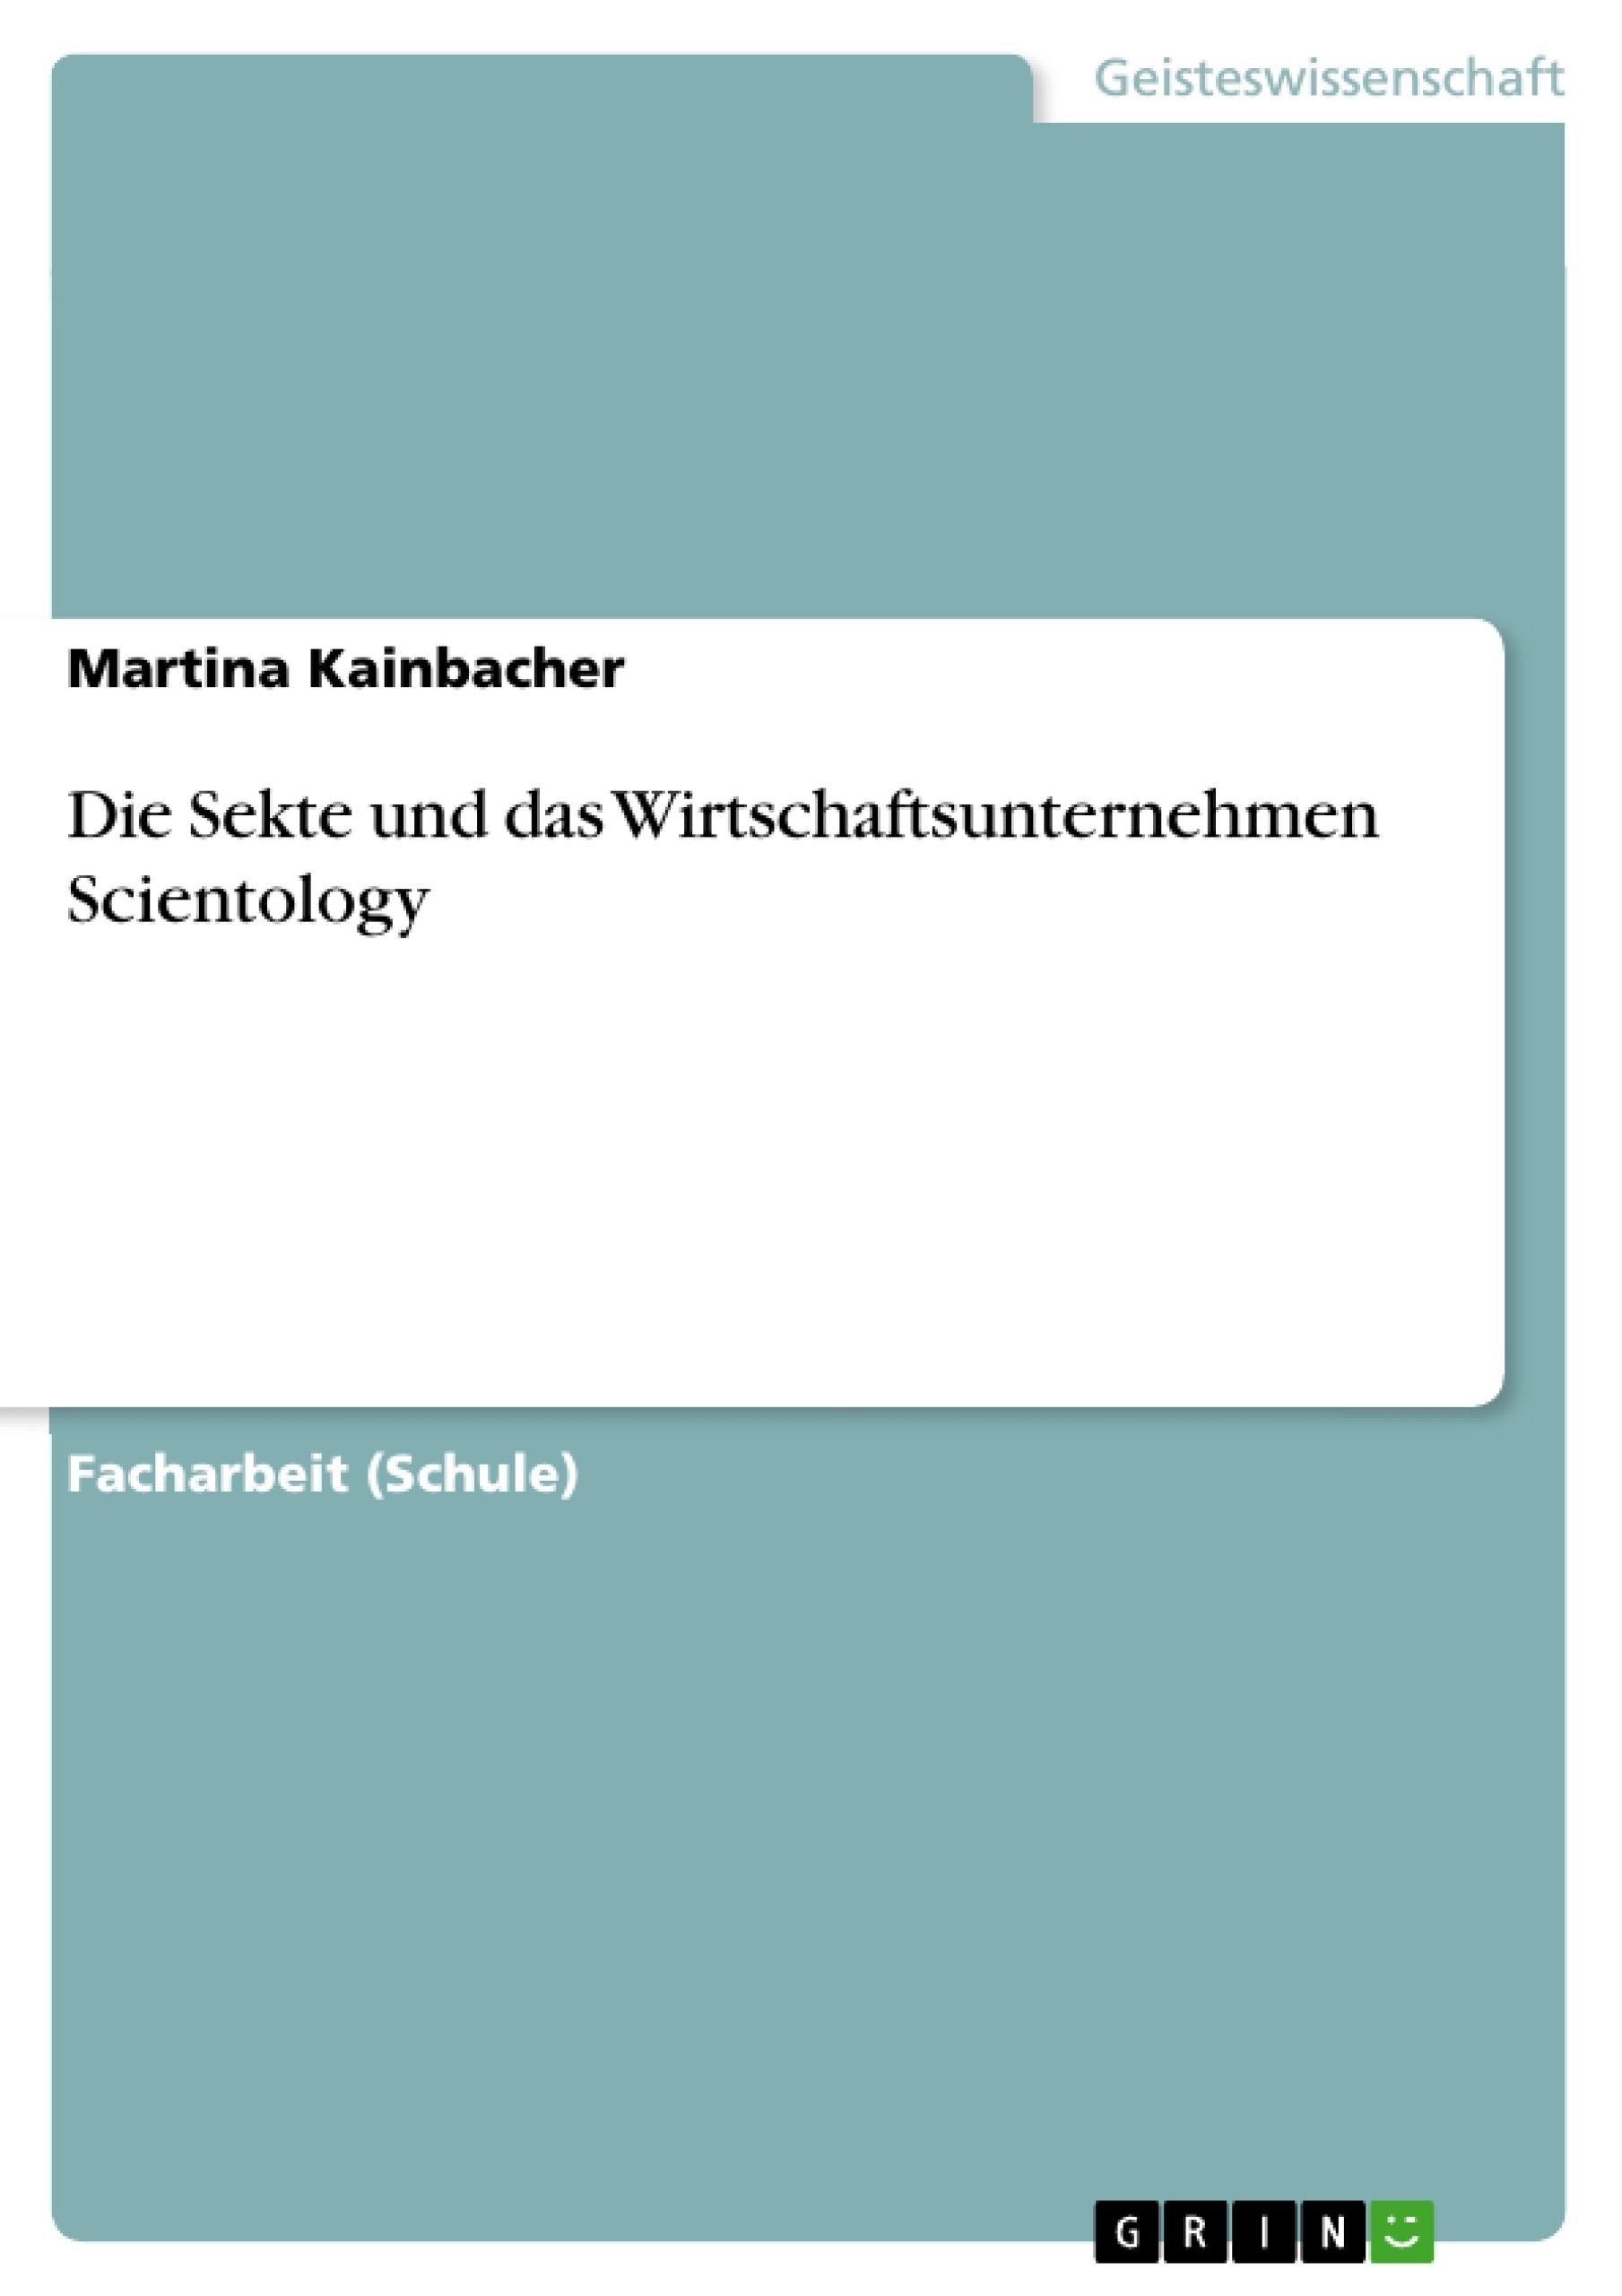 Titel: Die Sekte und das Wirtschaftsunternehmen Scientology